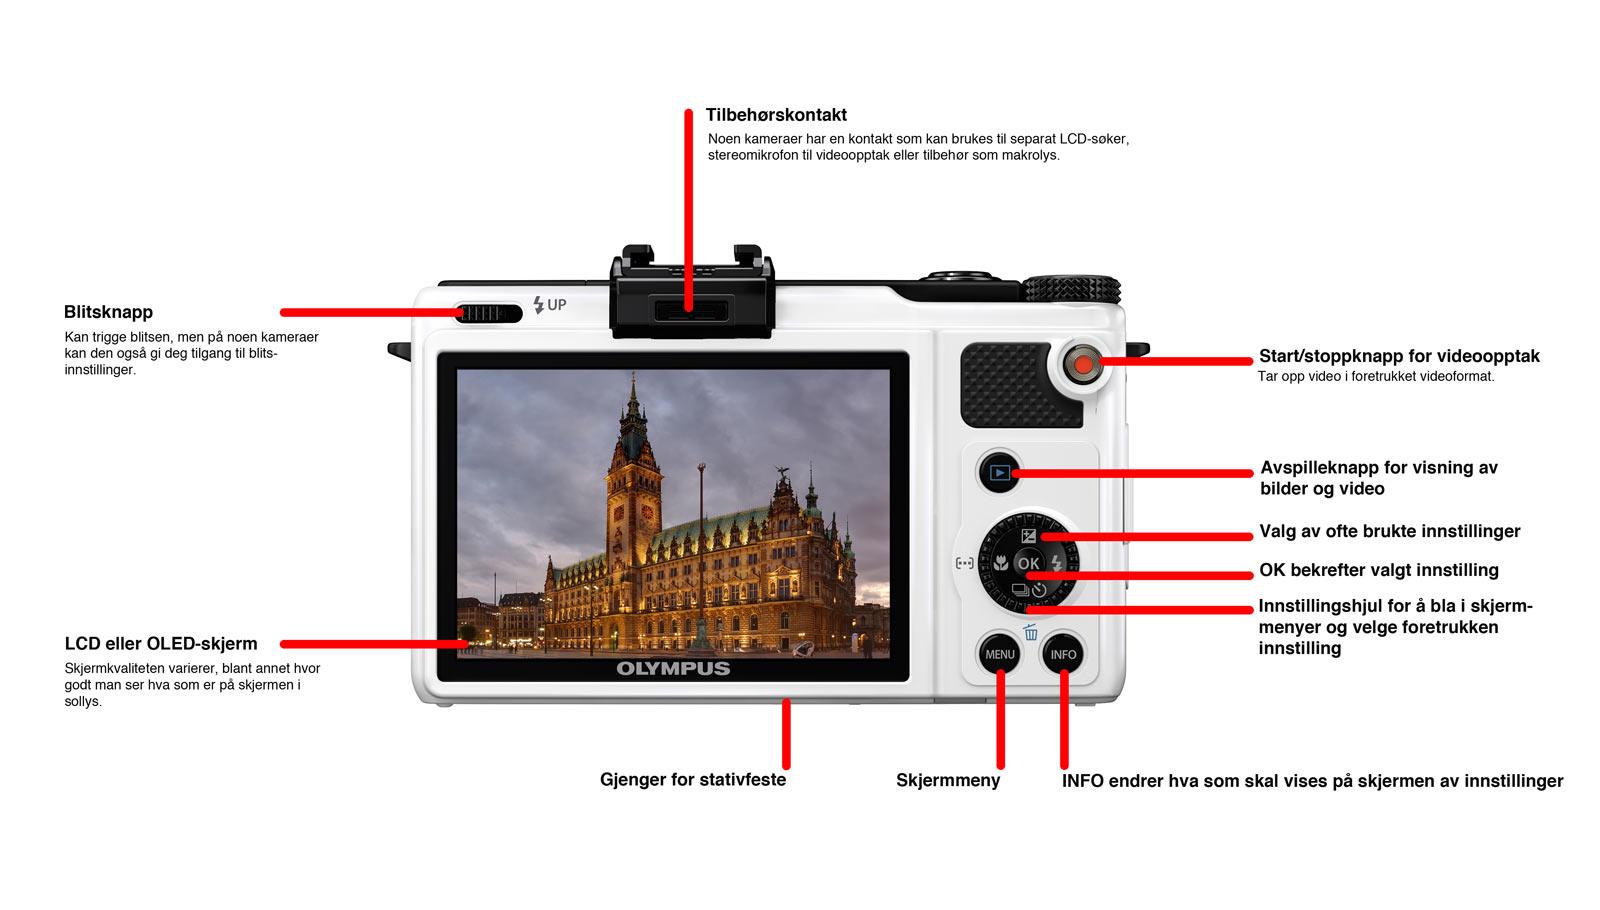 spion kamera japan gratis nettsteder for å møte kvinner